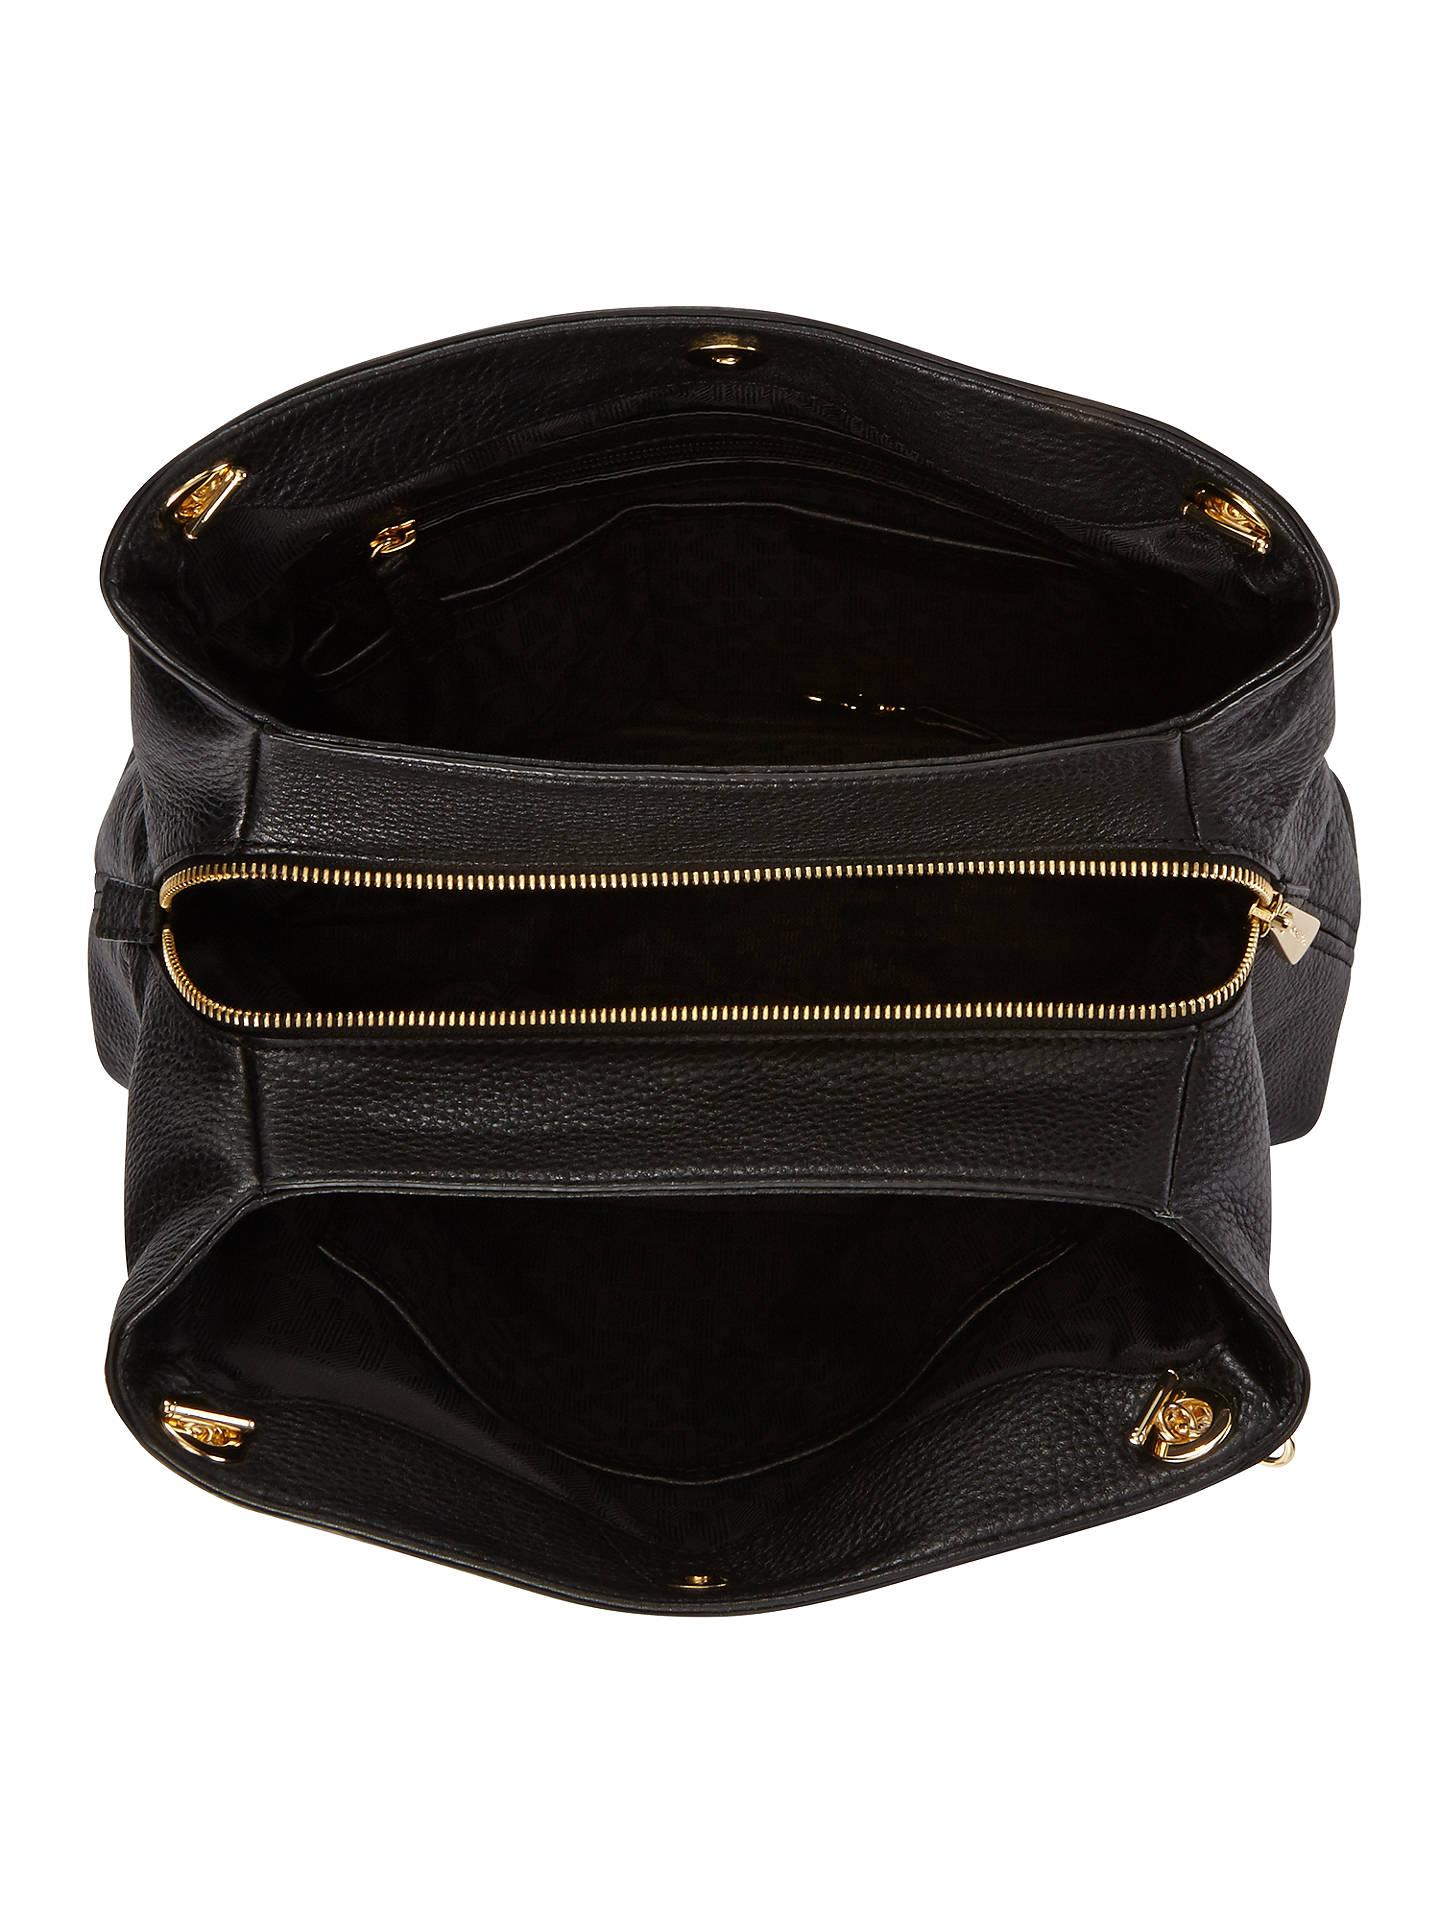 dcce118a4e1d ... Buy MICHAEL Michael Kors Jet Set Travel Leather Chain Strap Large  Shoulder Bag